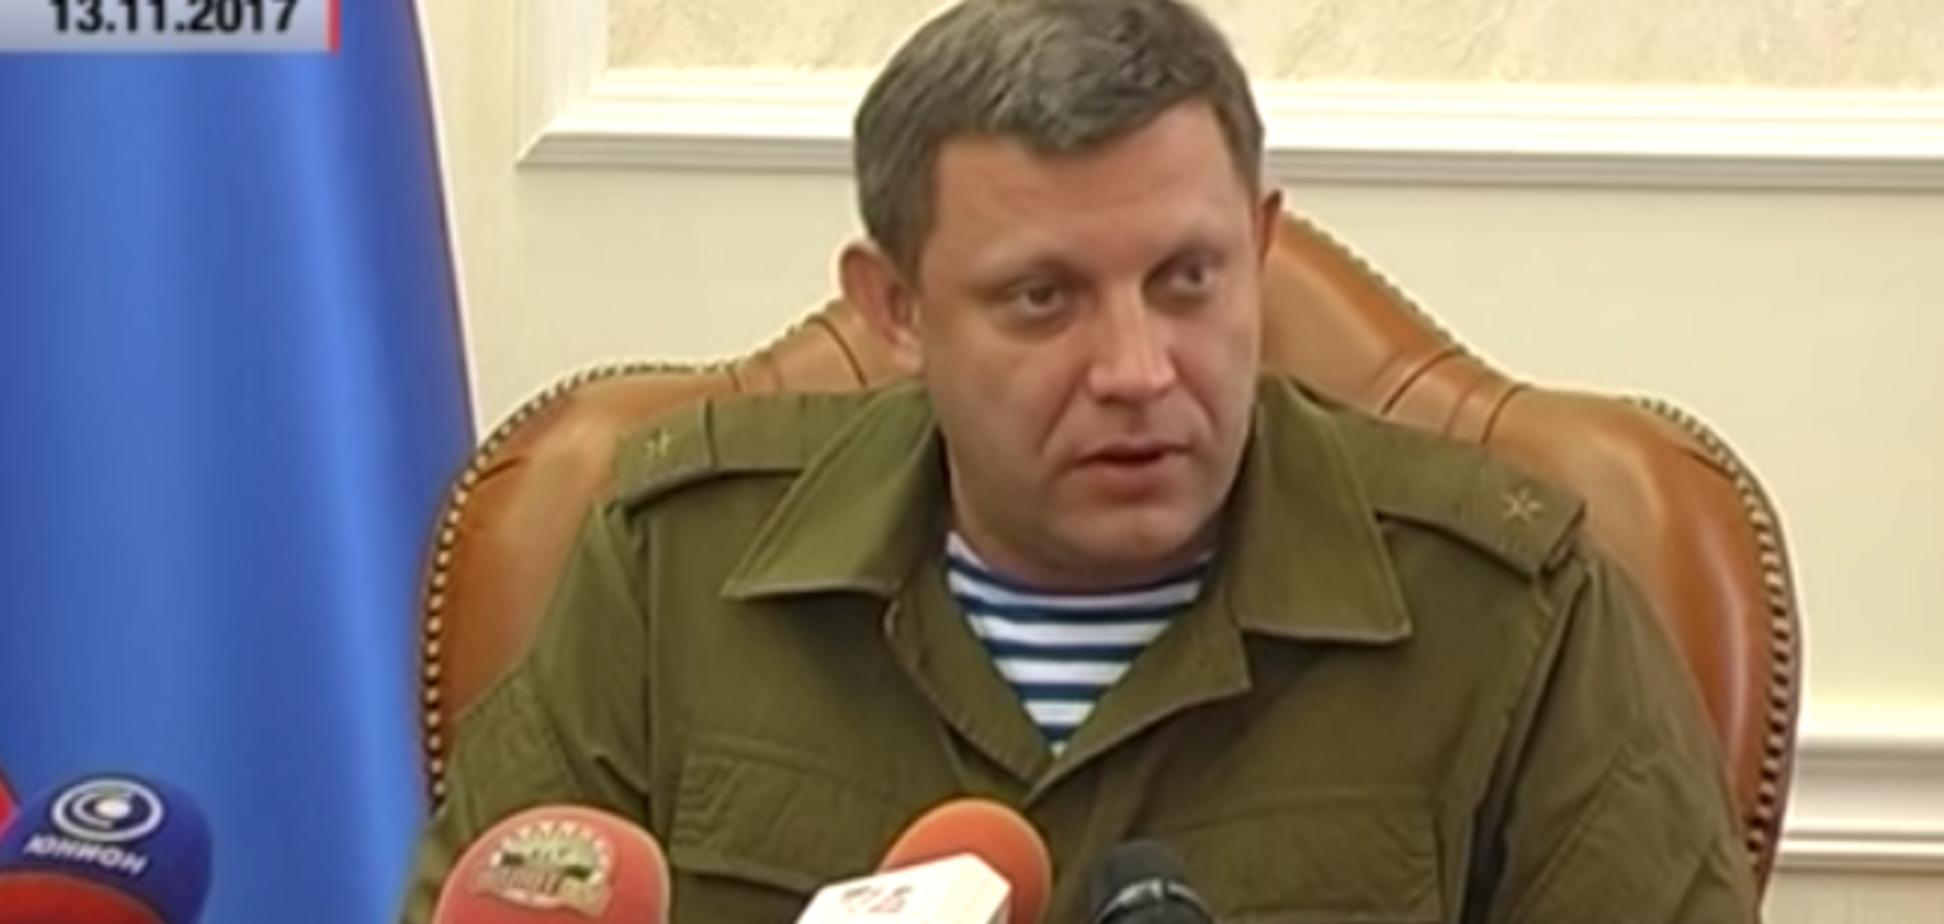 'Петю, ти не правий': ватажок 'ДНР' заявив про неминучість продовження війни в Україні